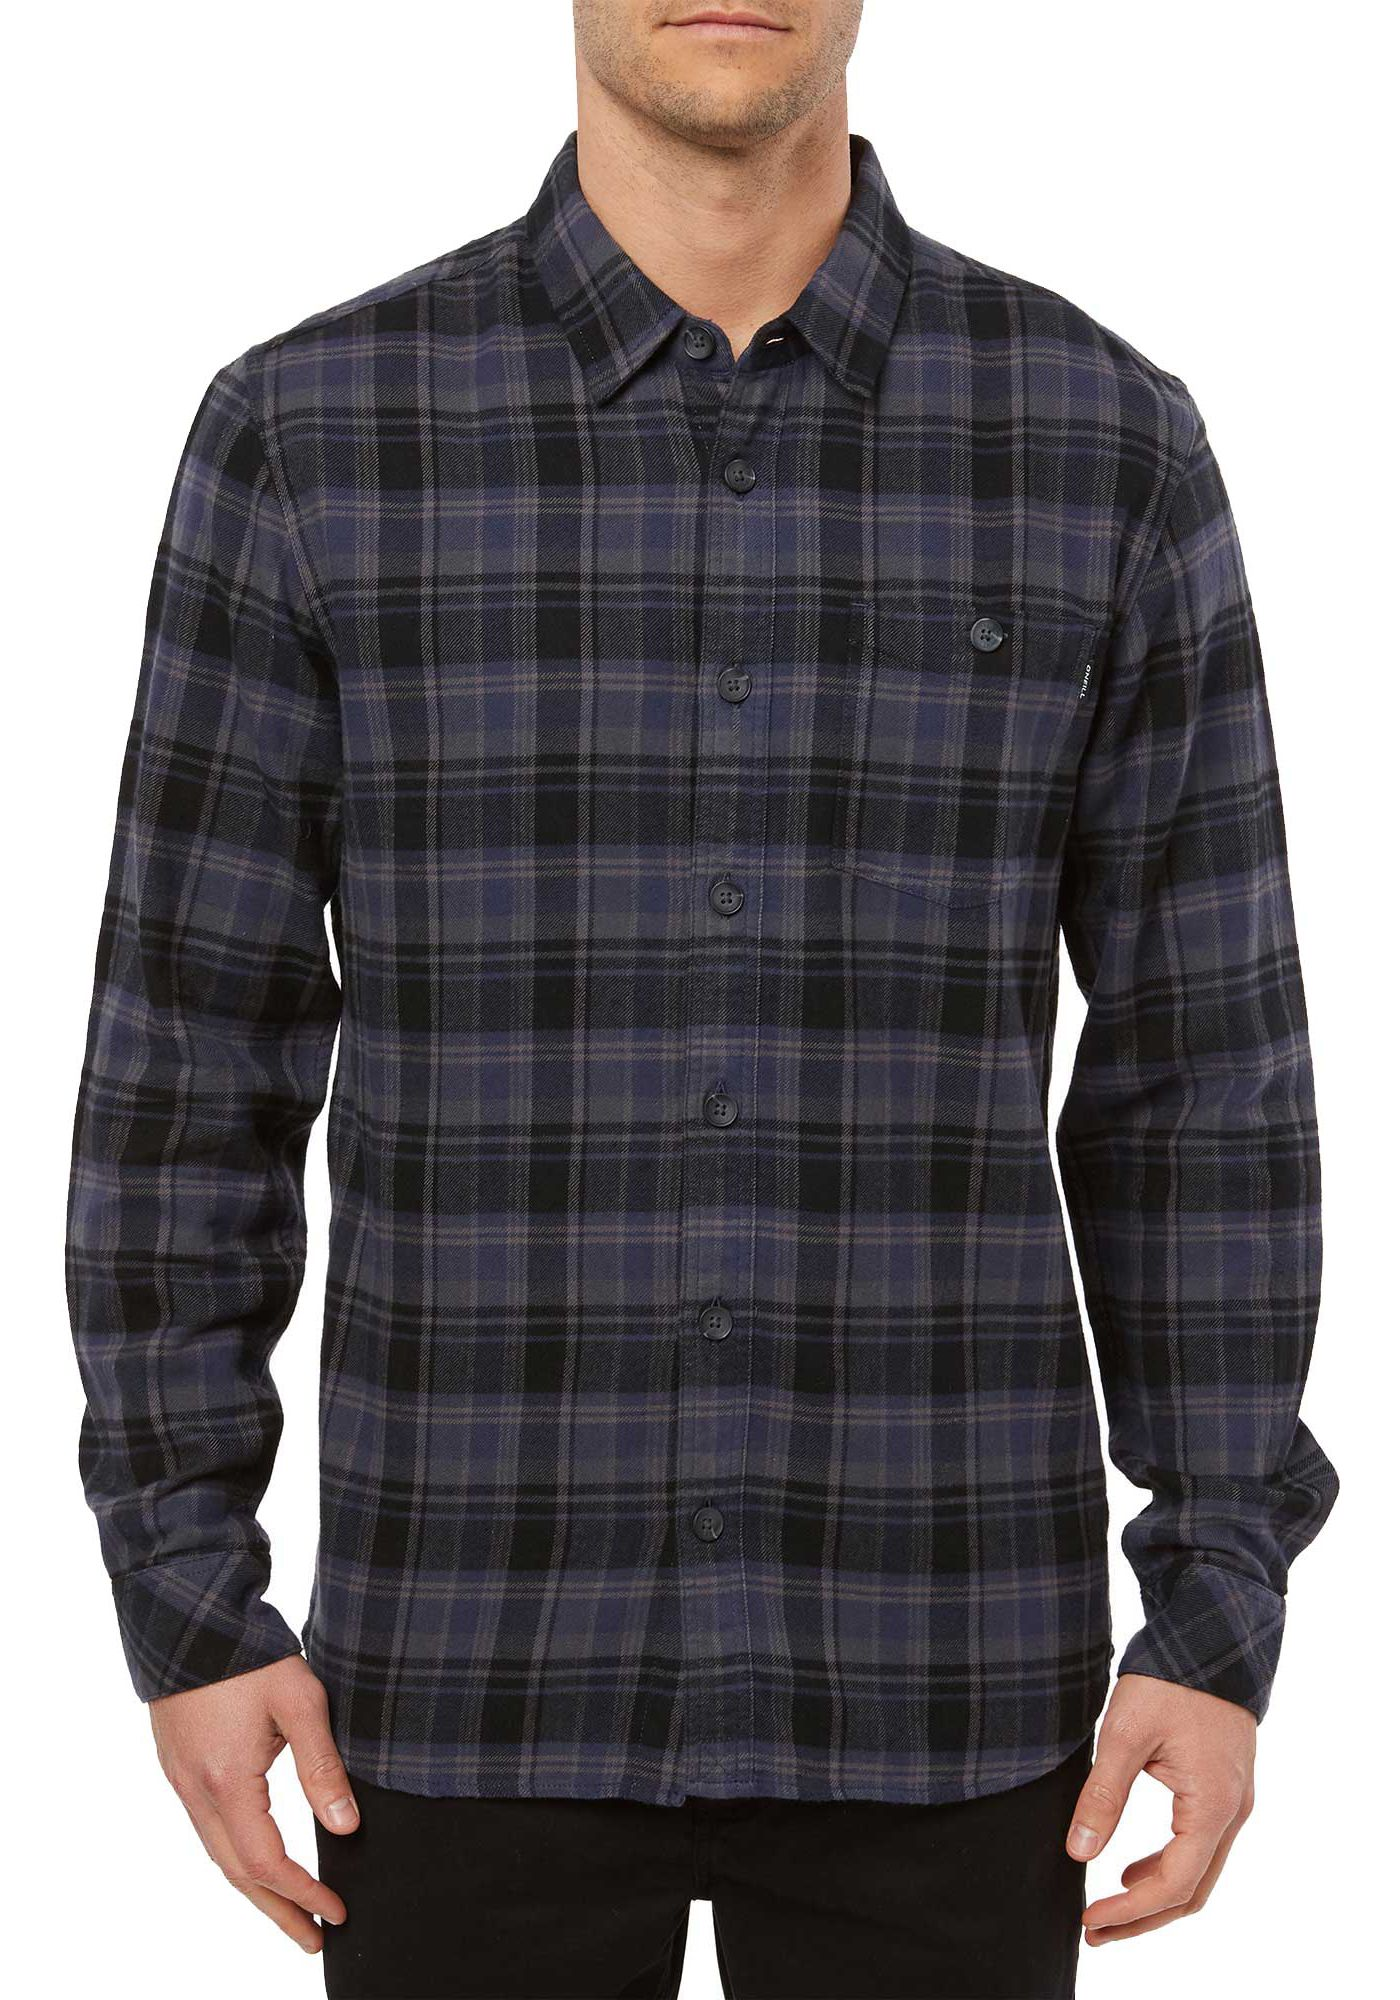 O'Neill Men's Redmond Long Sleeve Flannel Shirt